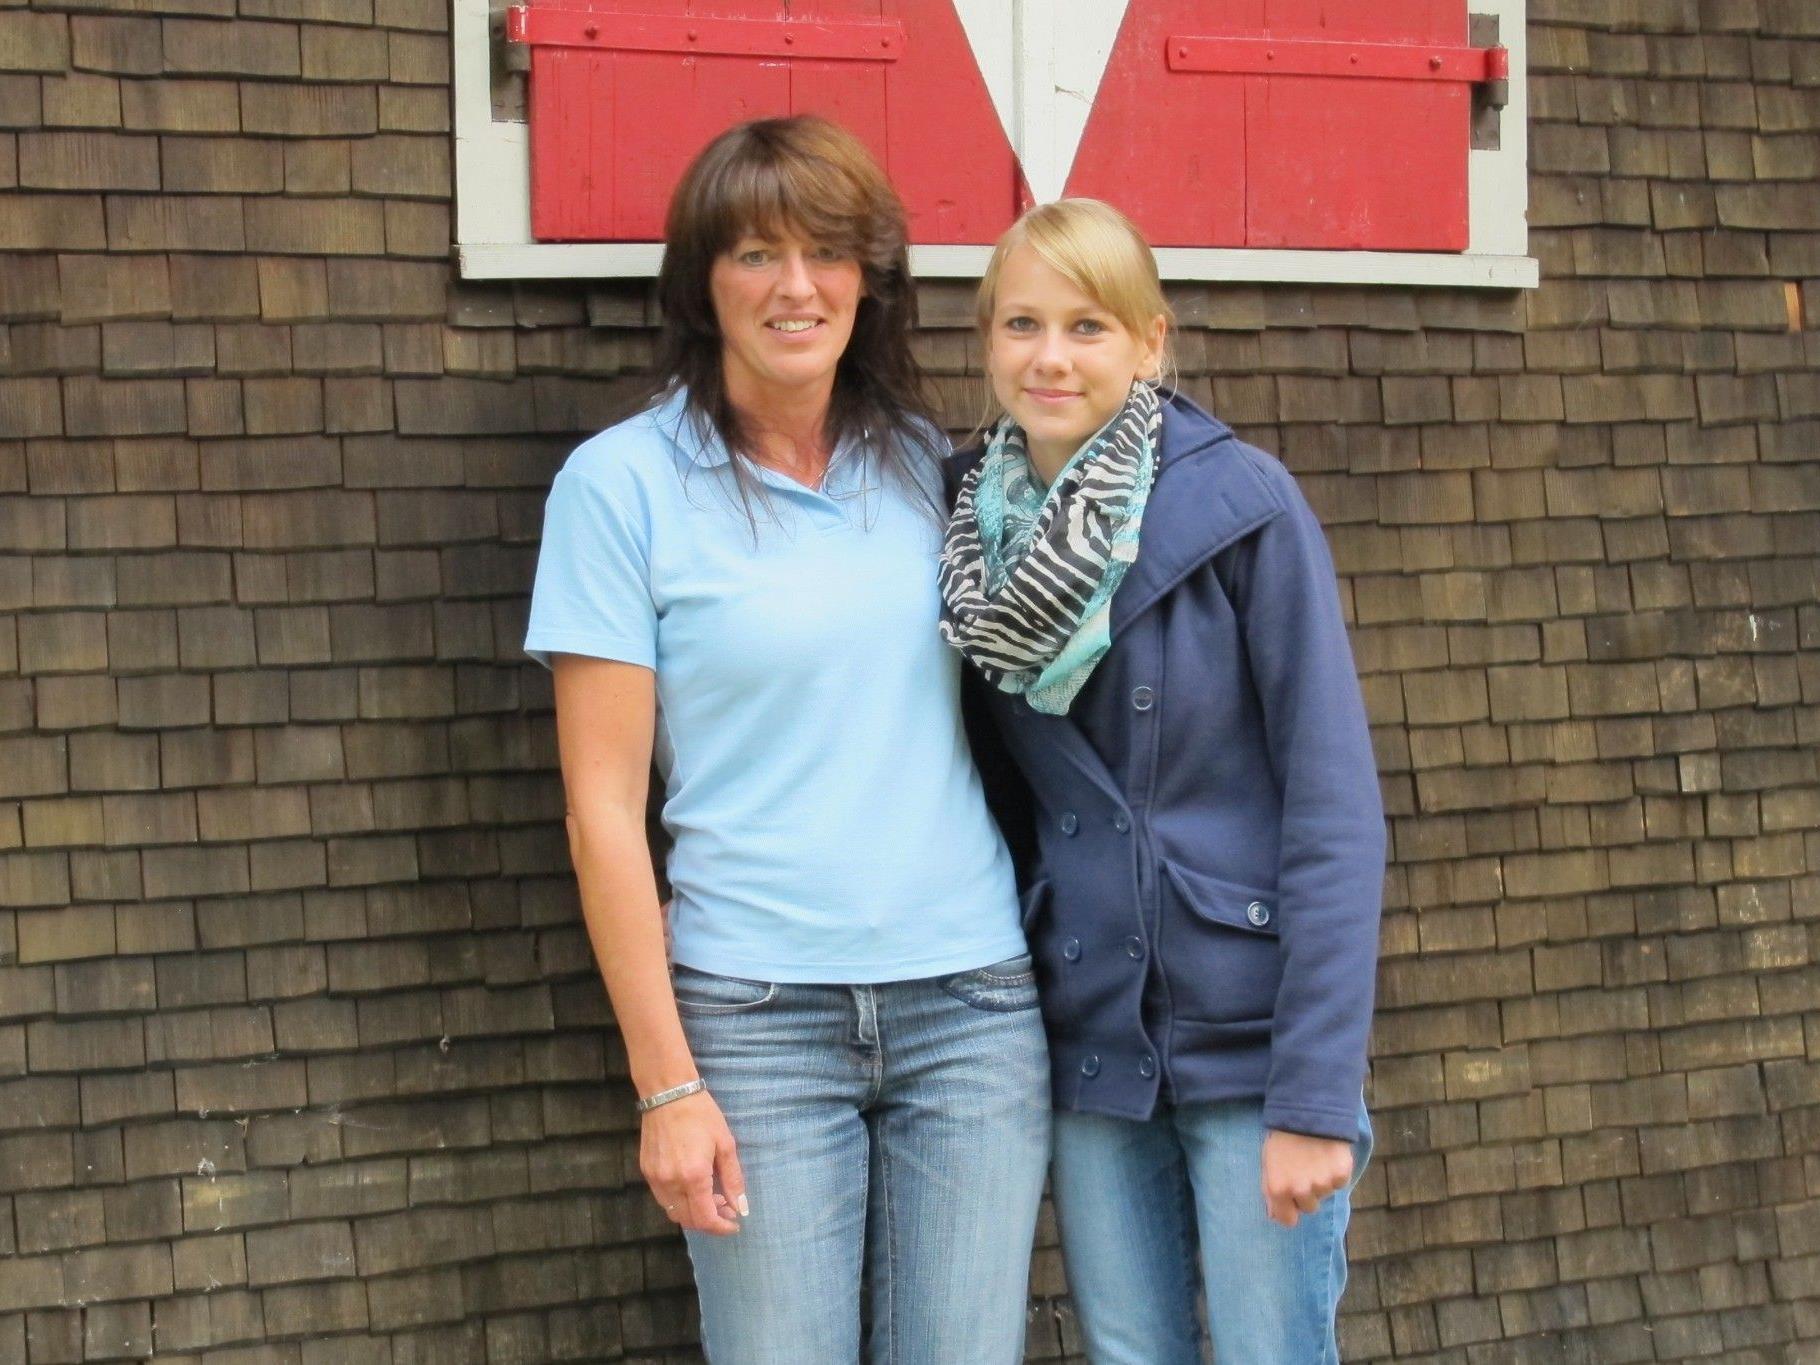 Evelyn Fleisch und Chiara Piazza sind stolz auf ihre Erfolge.